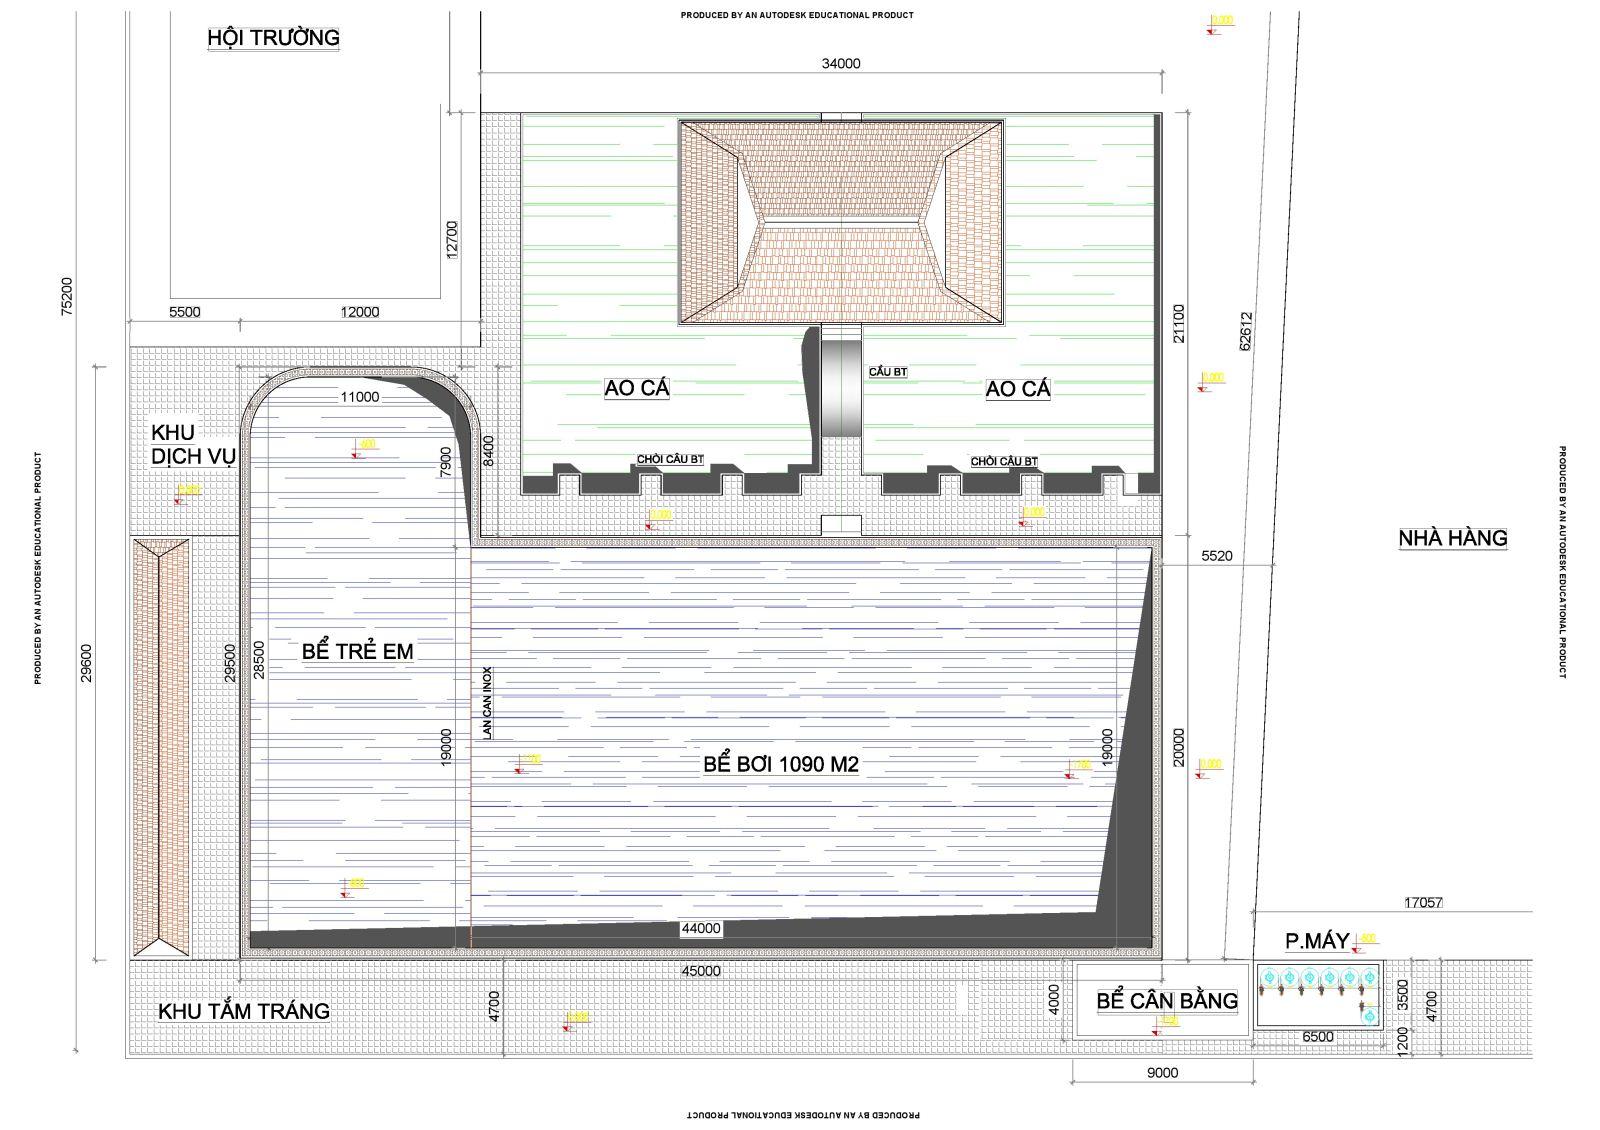 Thiết kế bể bơi kinh doanh trong khu tổ hợp kinh doanh